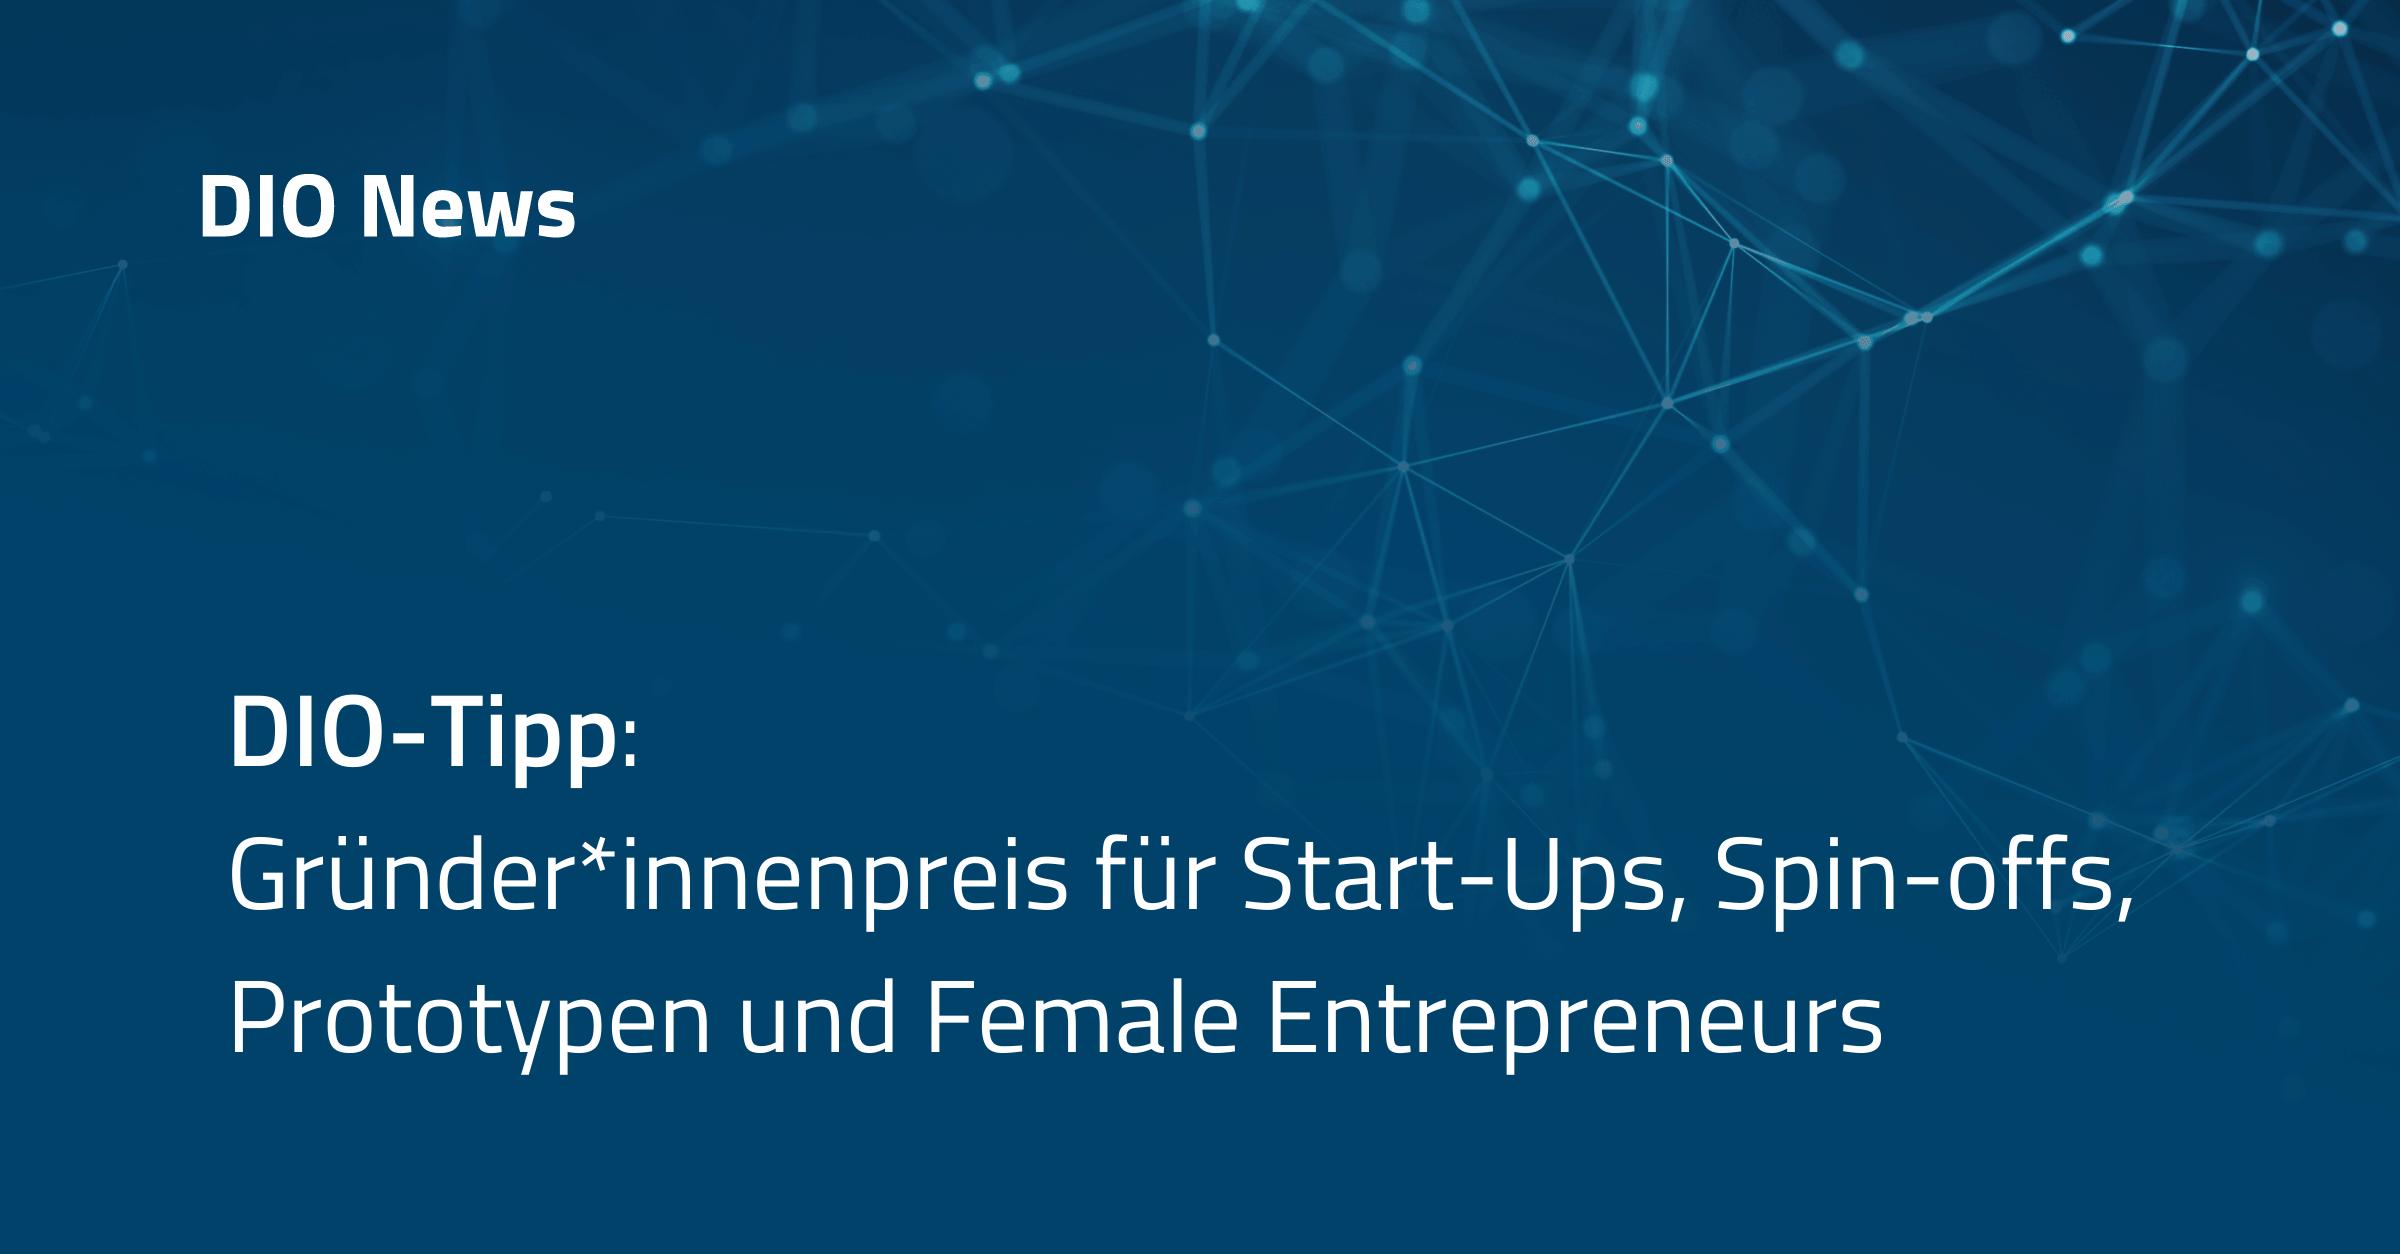 DIO-Tipp: Gründer*innenpreis für Start-Ups, Spin-offs, Prototypen und Female Entrepreneurs